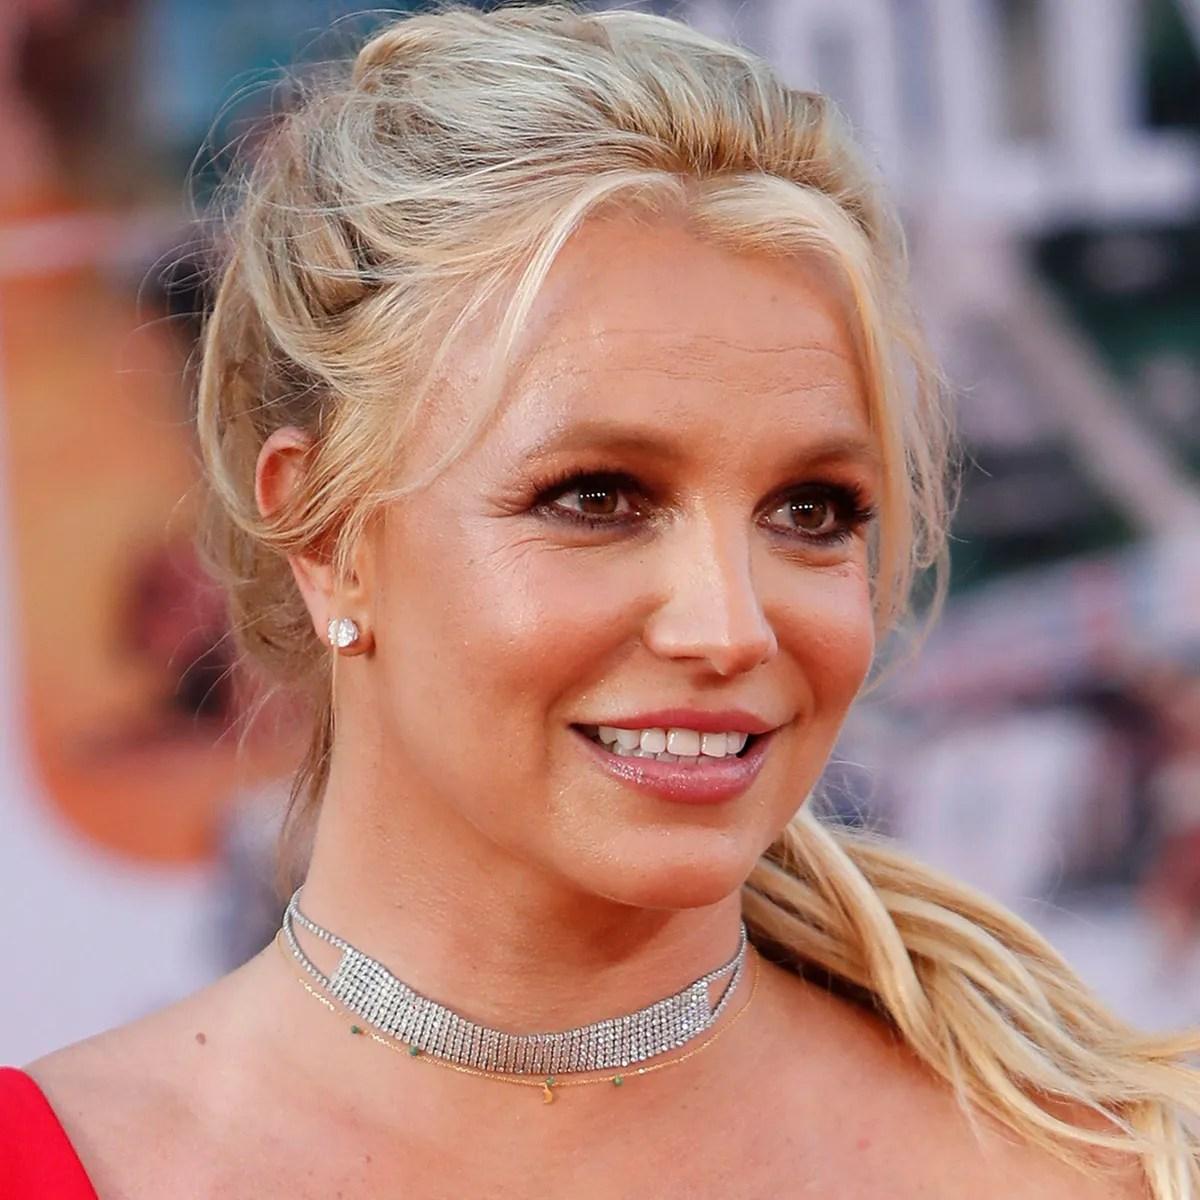 Britney Spears Addresses Conservatorship on Instagram